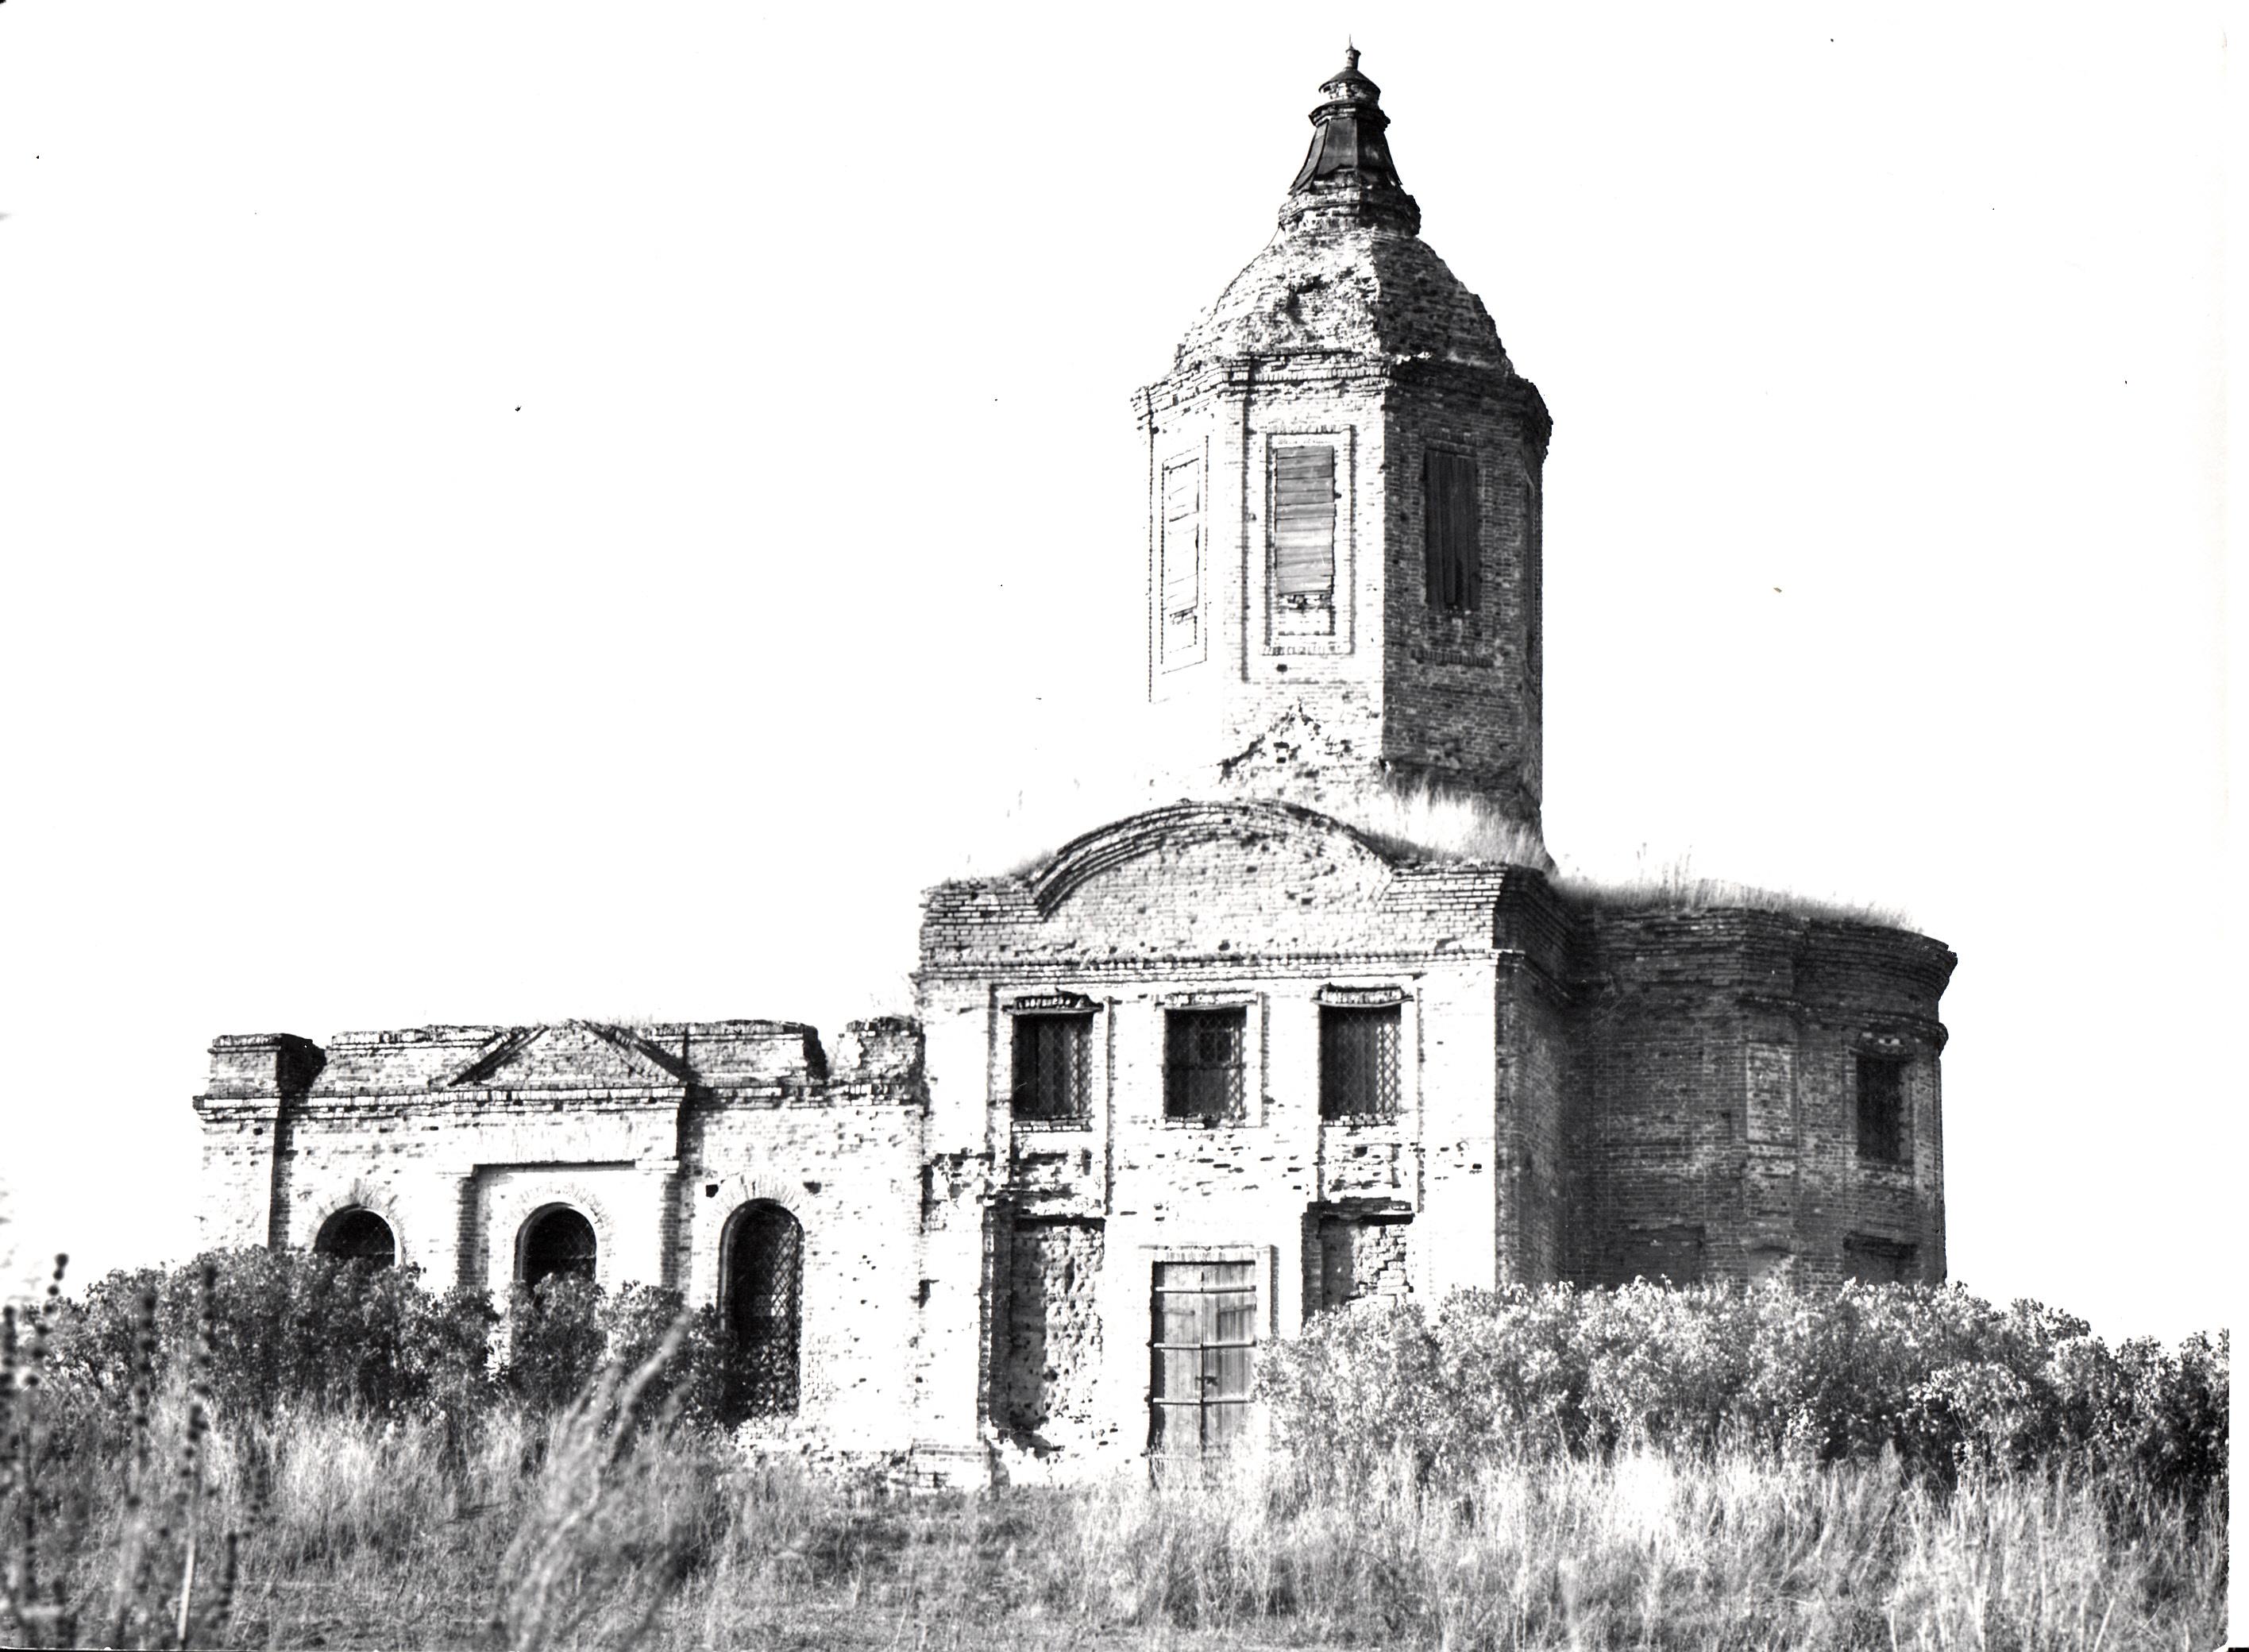 Церковь в  с. Шипово Становлянского района Липецкой области.<br /> 1974 год